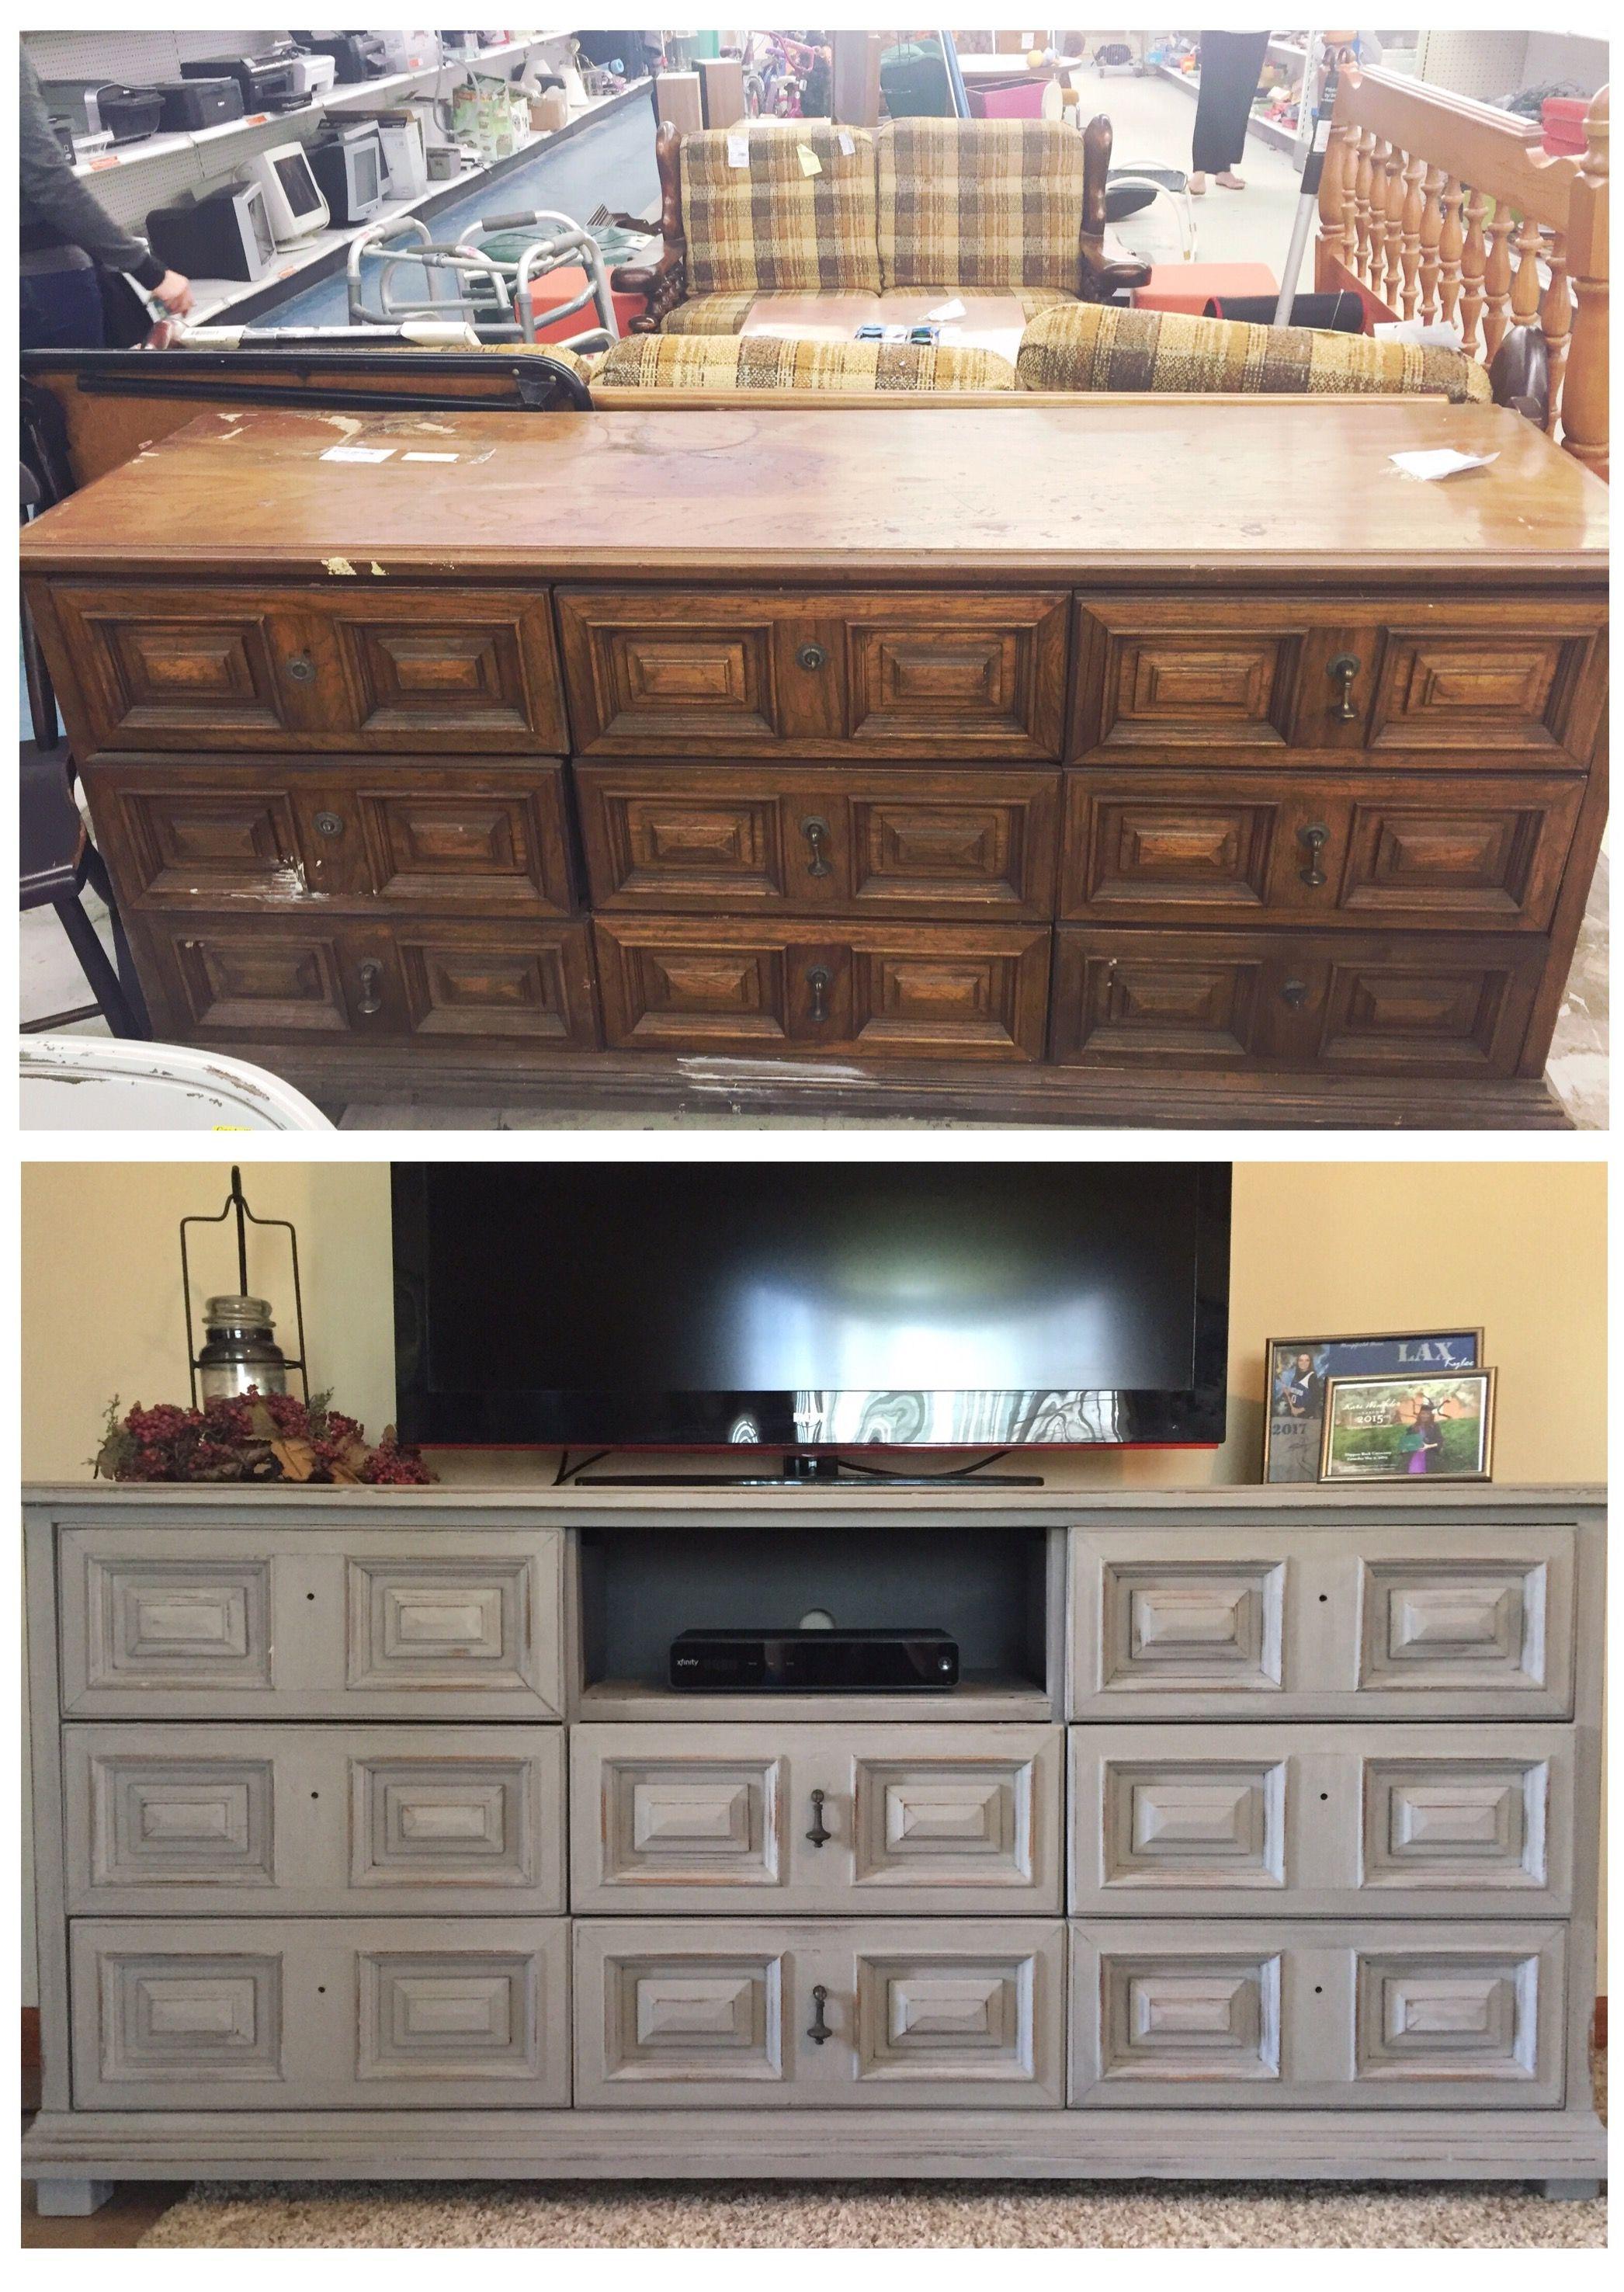 Refinished Dresser Tv Stand Dresser Tv Stand Interior Design Living Room Small Room Bedroom